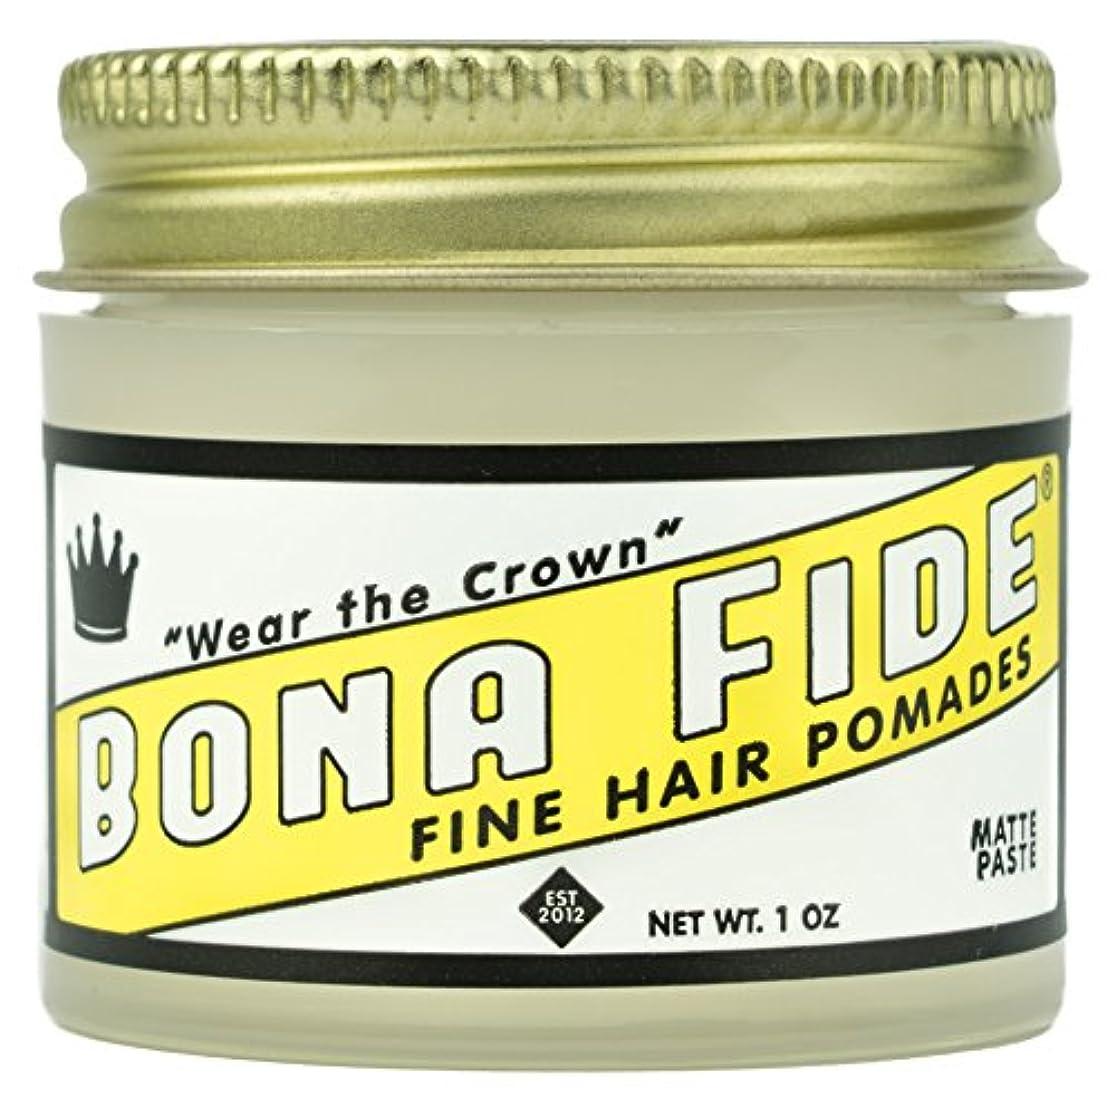 ふざけた実際ペレグリネーションBona Fide Pomade, マットペースト 1oz (28g) / トラベルサイズ,水性/グリース